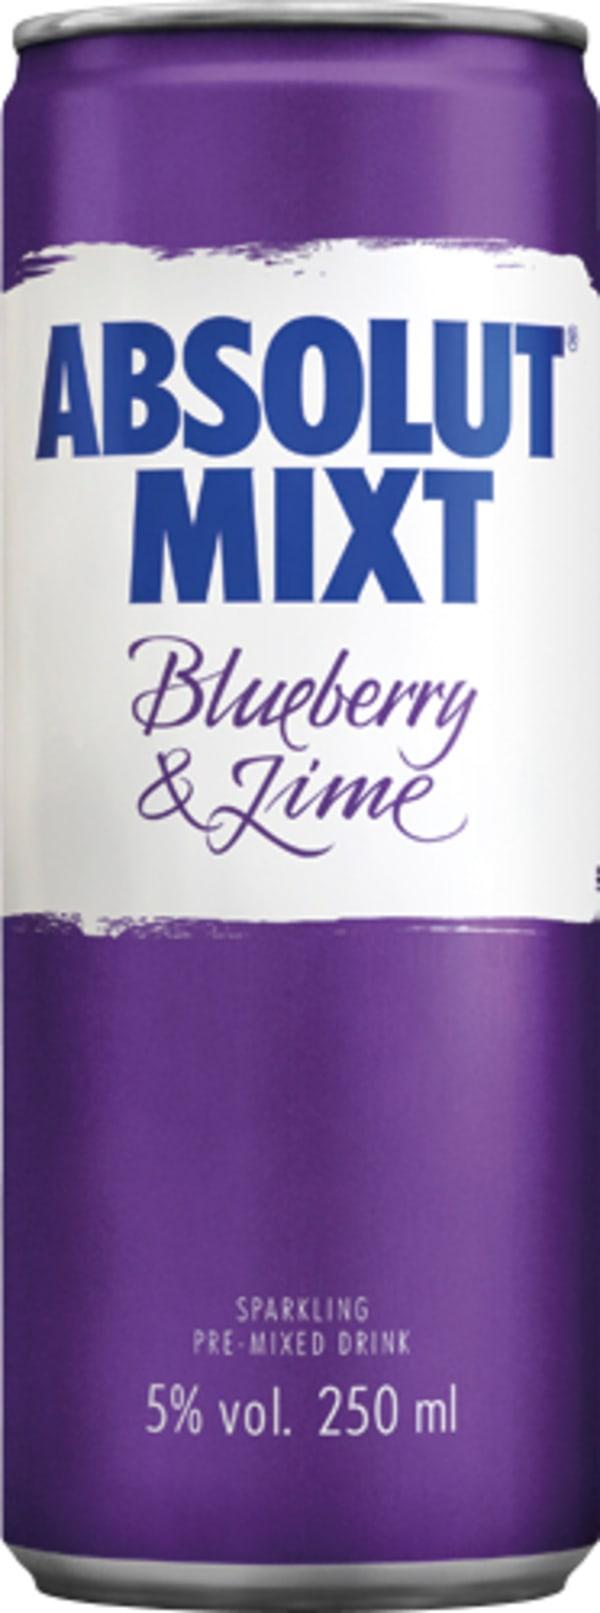 Absolut Mixt Blueberry & Lime tölkki